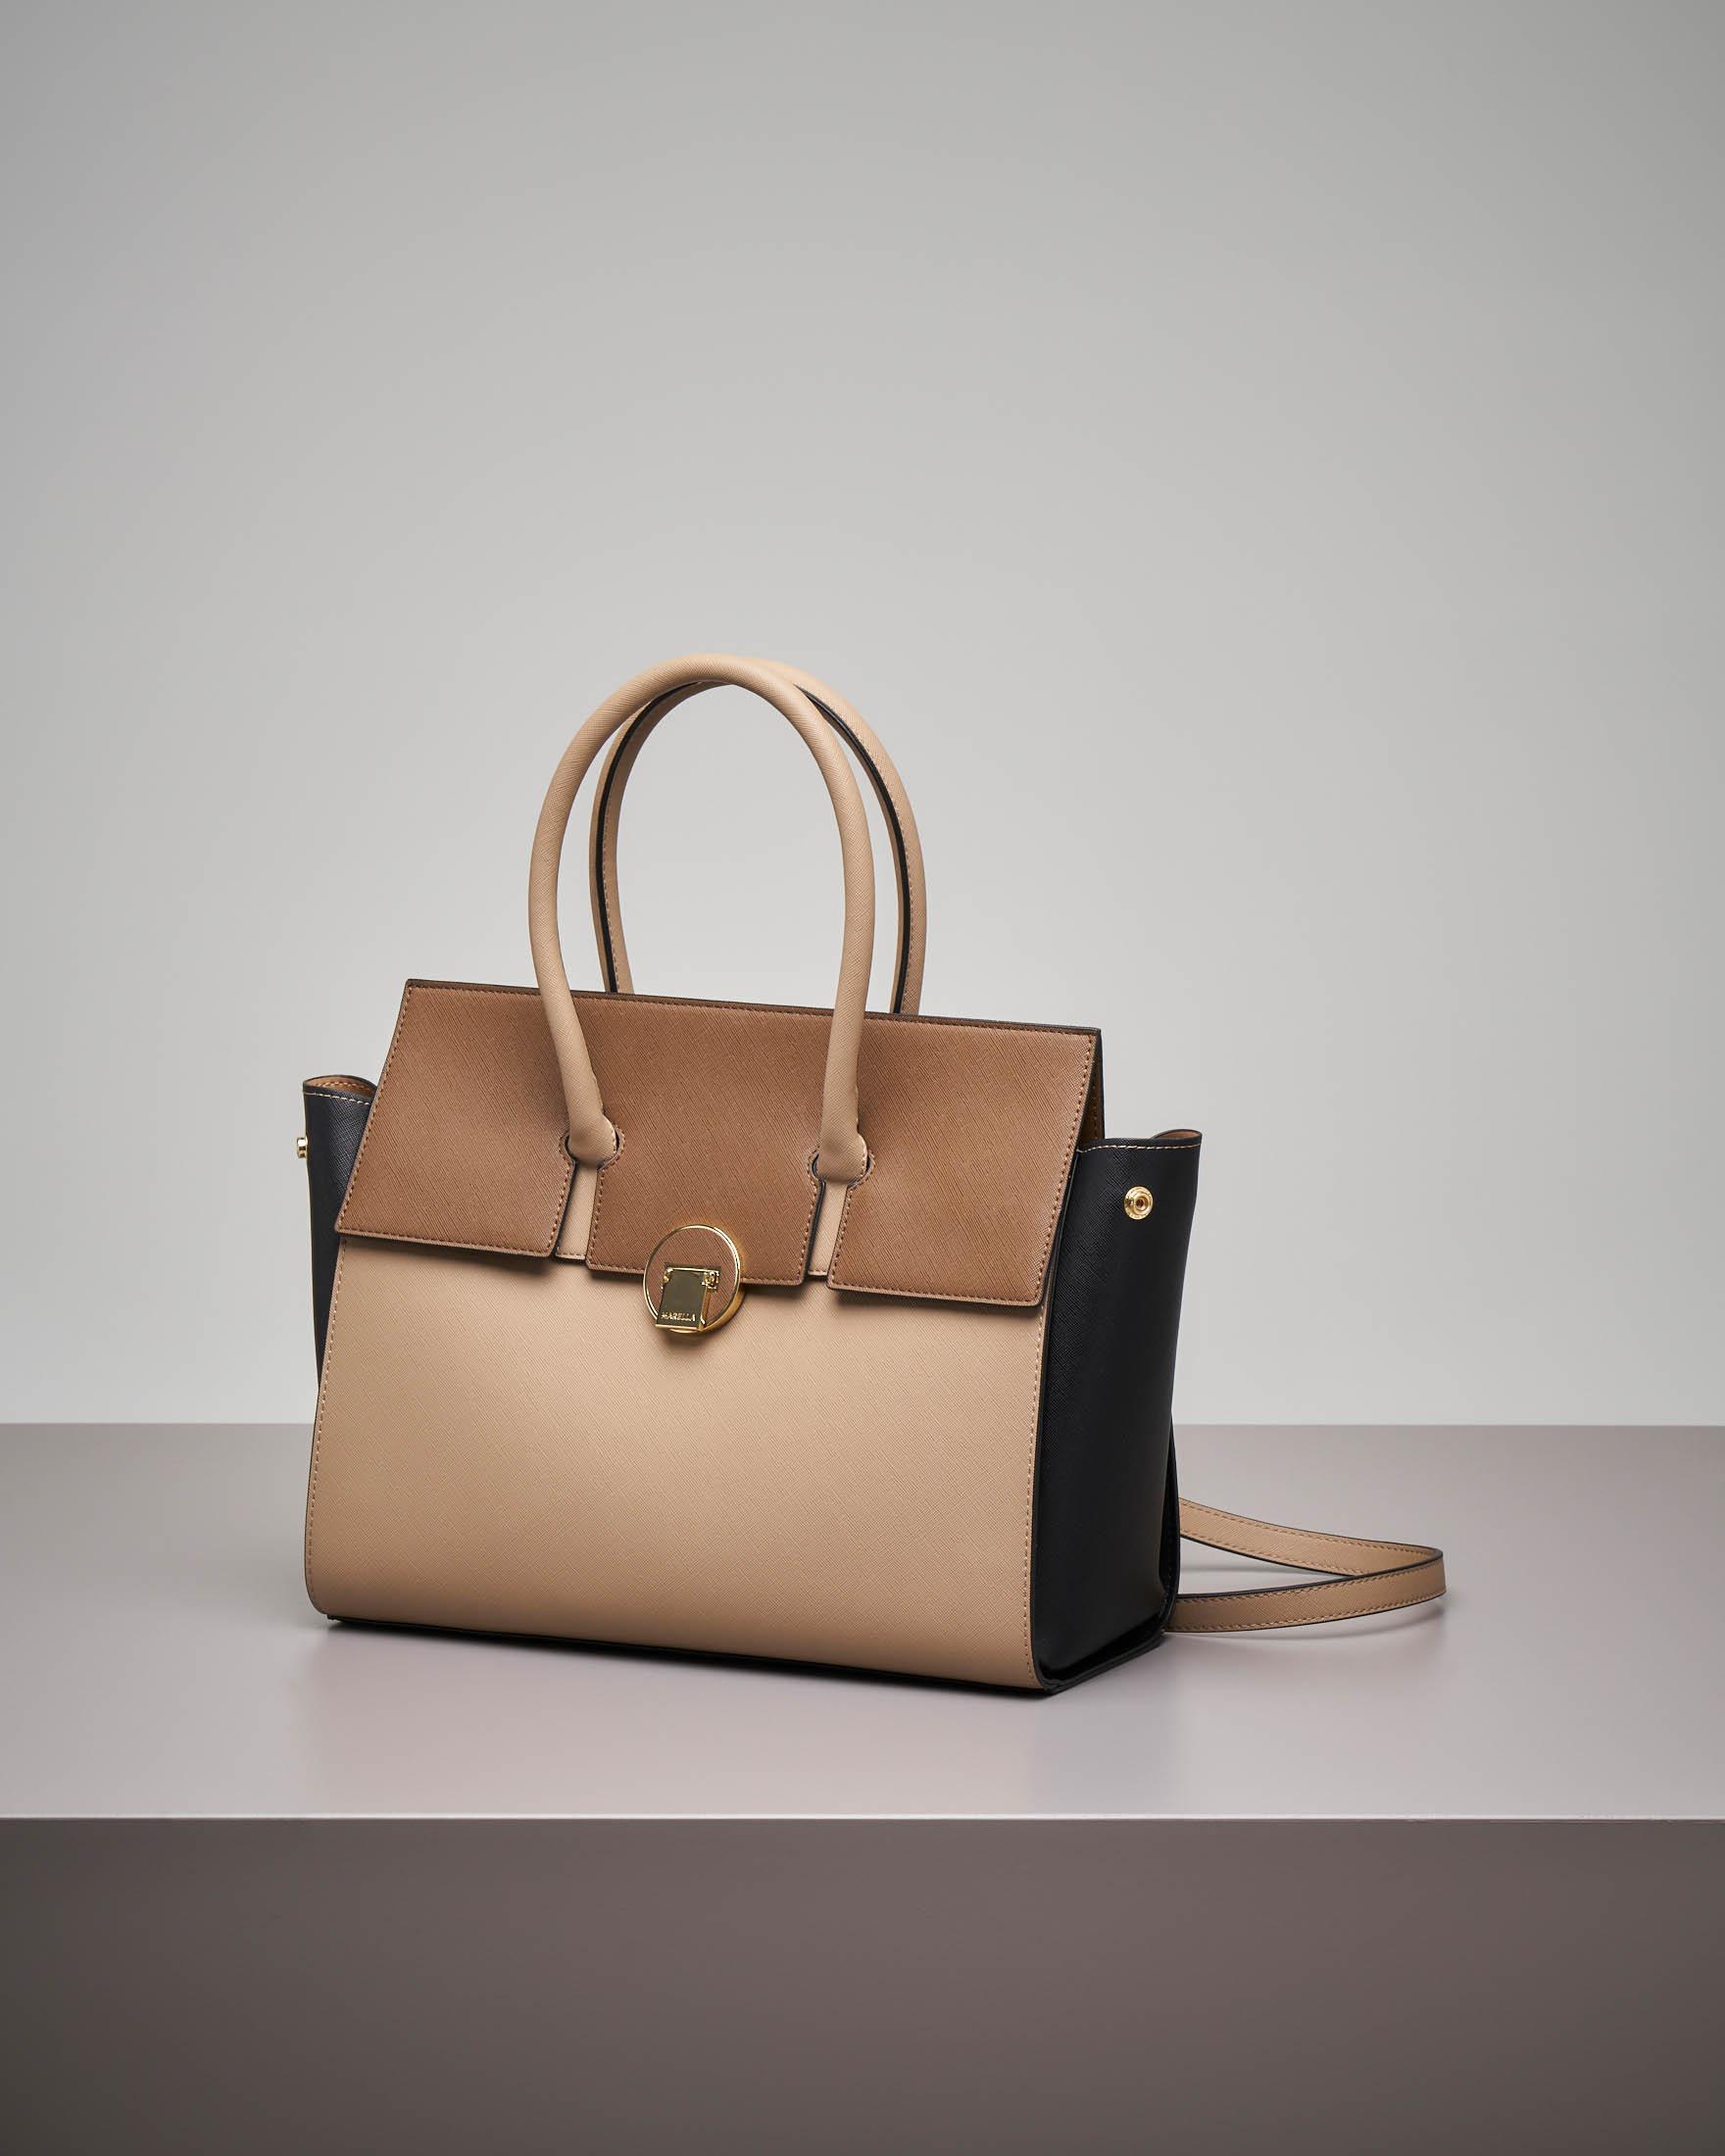 Borsa a spalla beige con patta intercambiabile cammello e in ecopelliccia tono su tono.